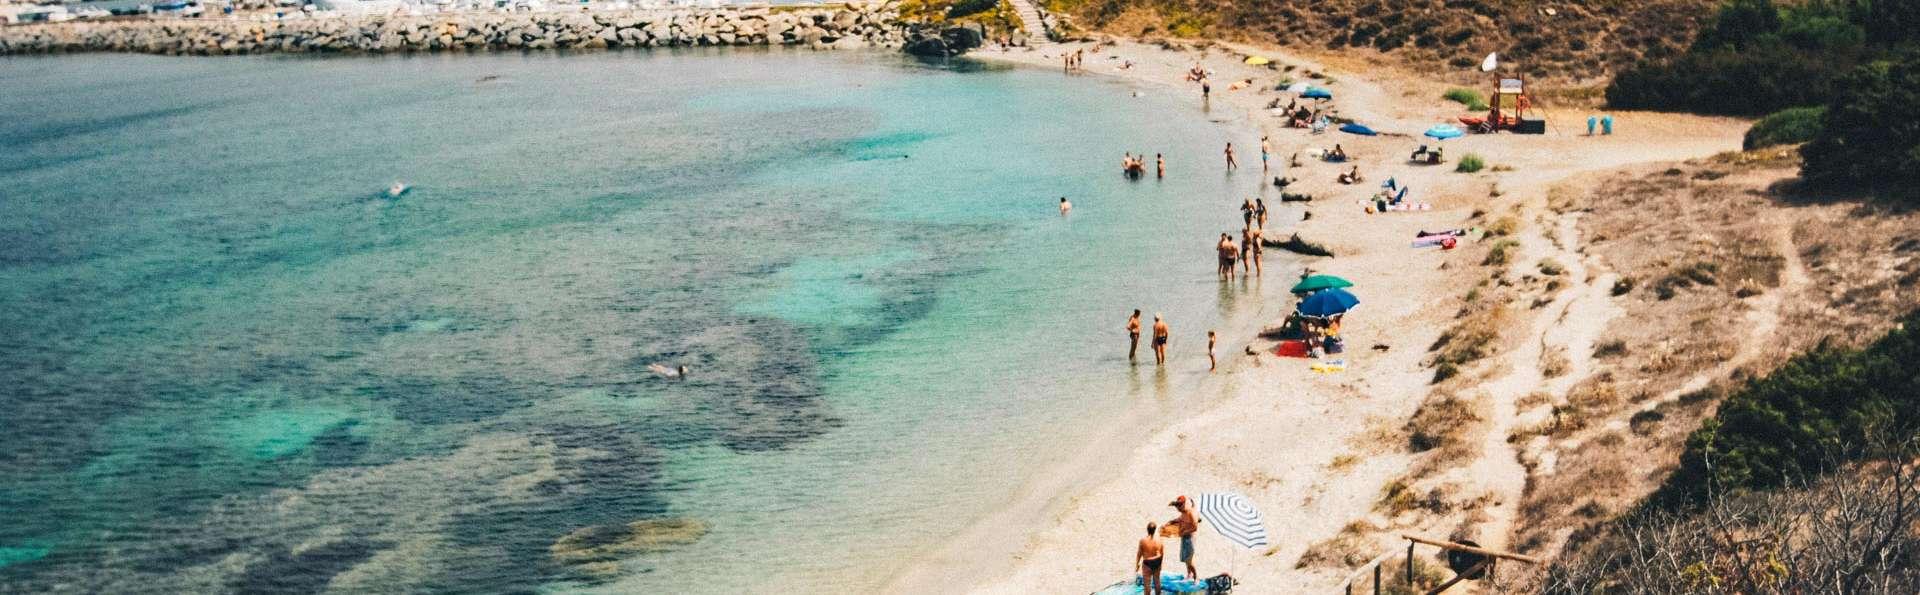 Séjour à la mer en Sardaigne à Quartu Sant'Elena